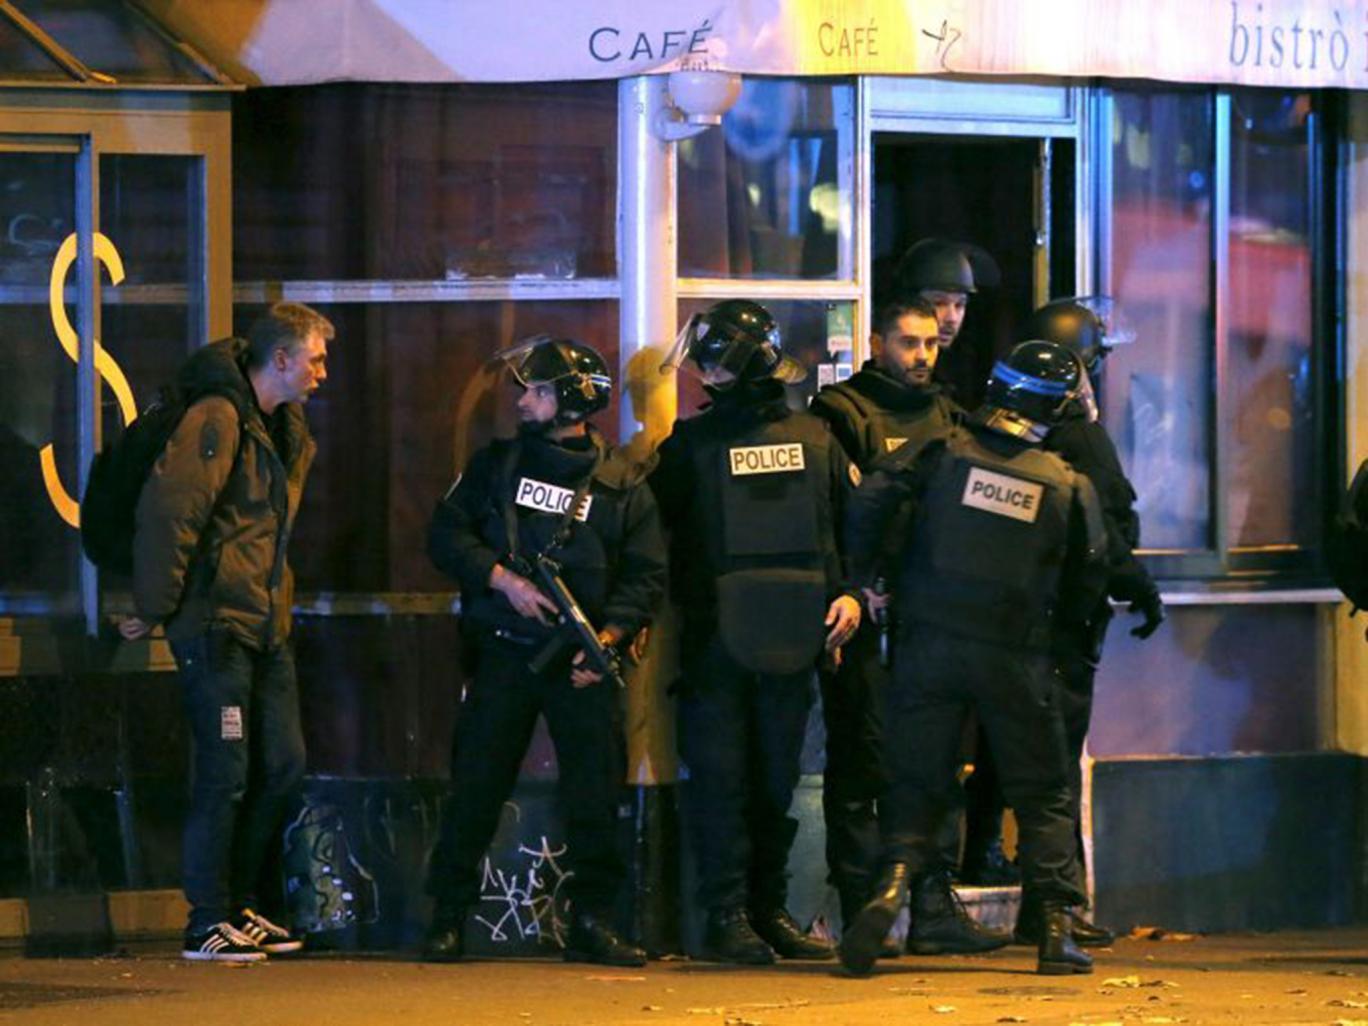 Atentate la Paris: 23 de rețineri și 104 persoane plasate în arest la domiciliu